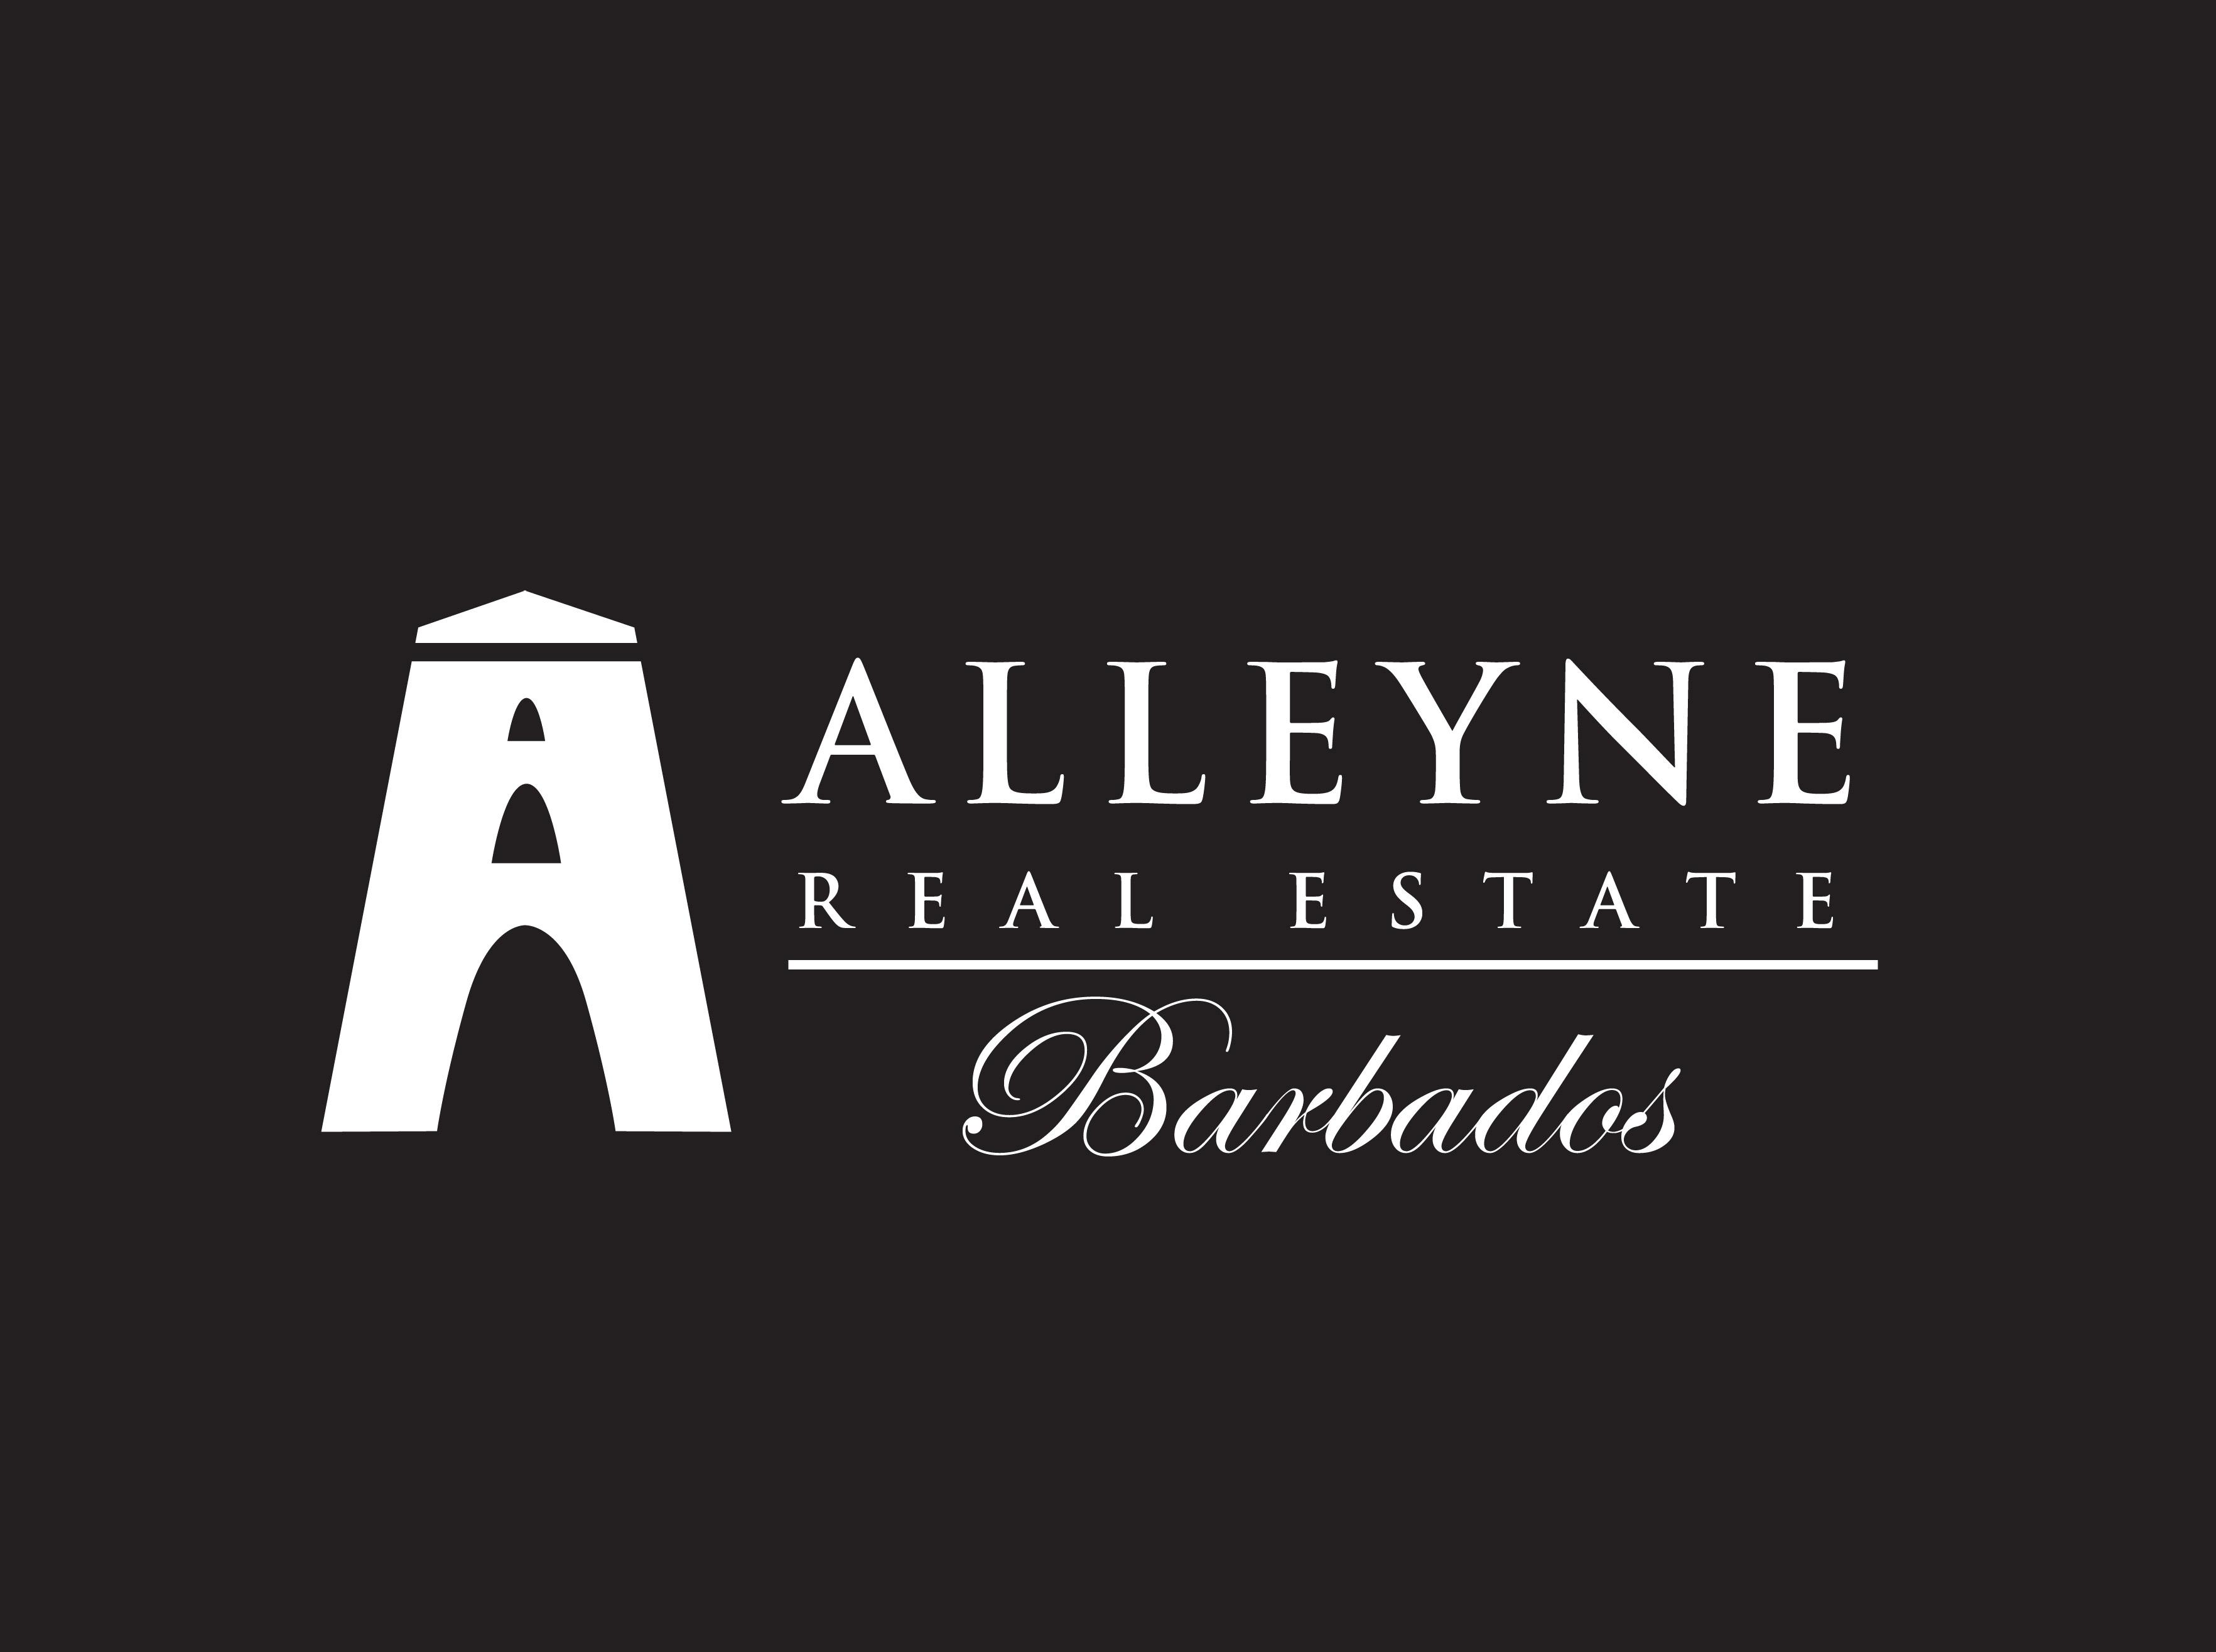 Alleyne Real Estate